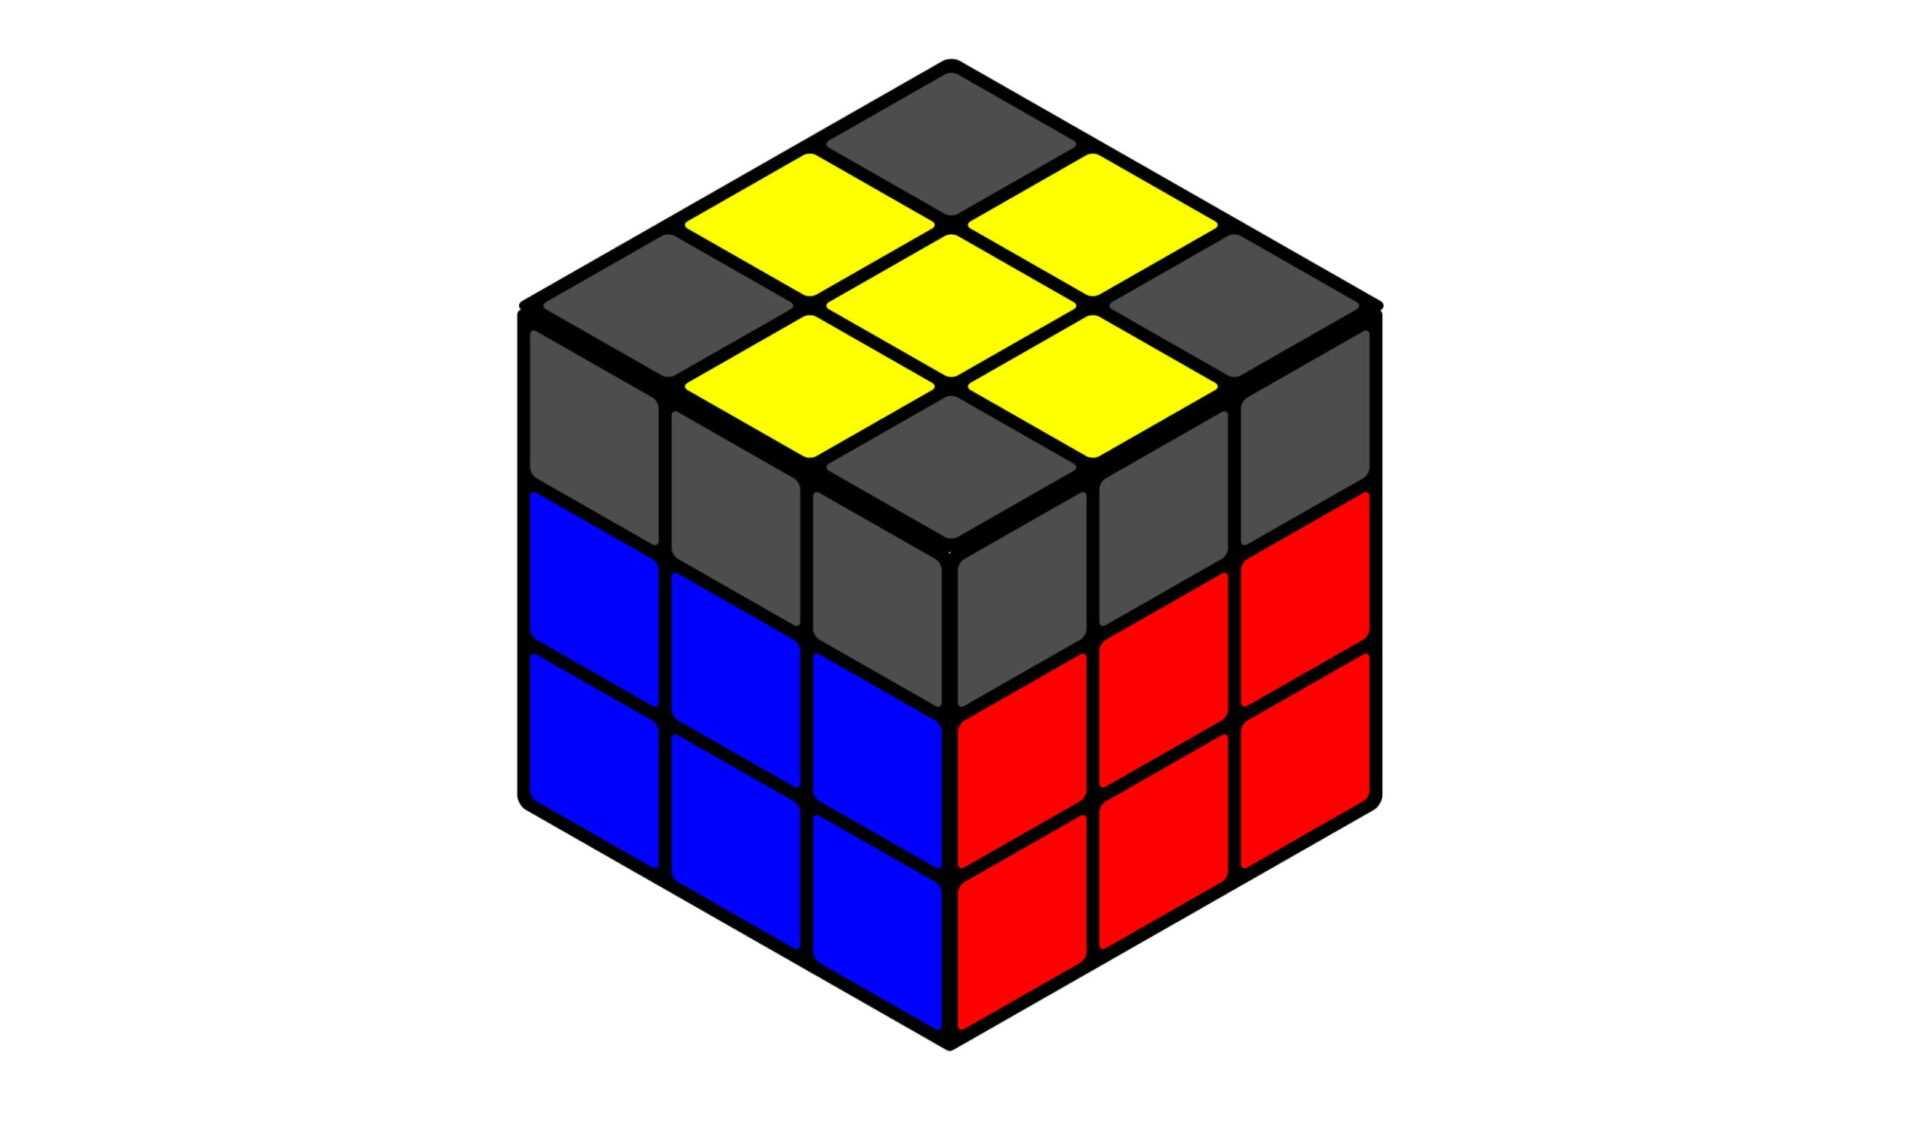 Кубик Рубика желтый крест